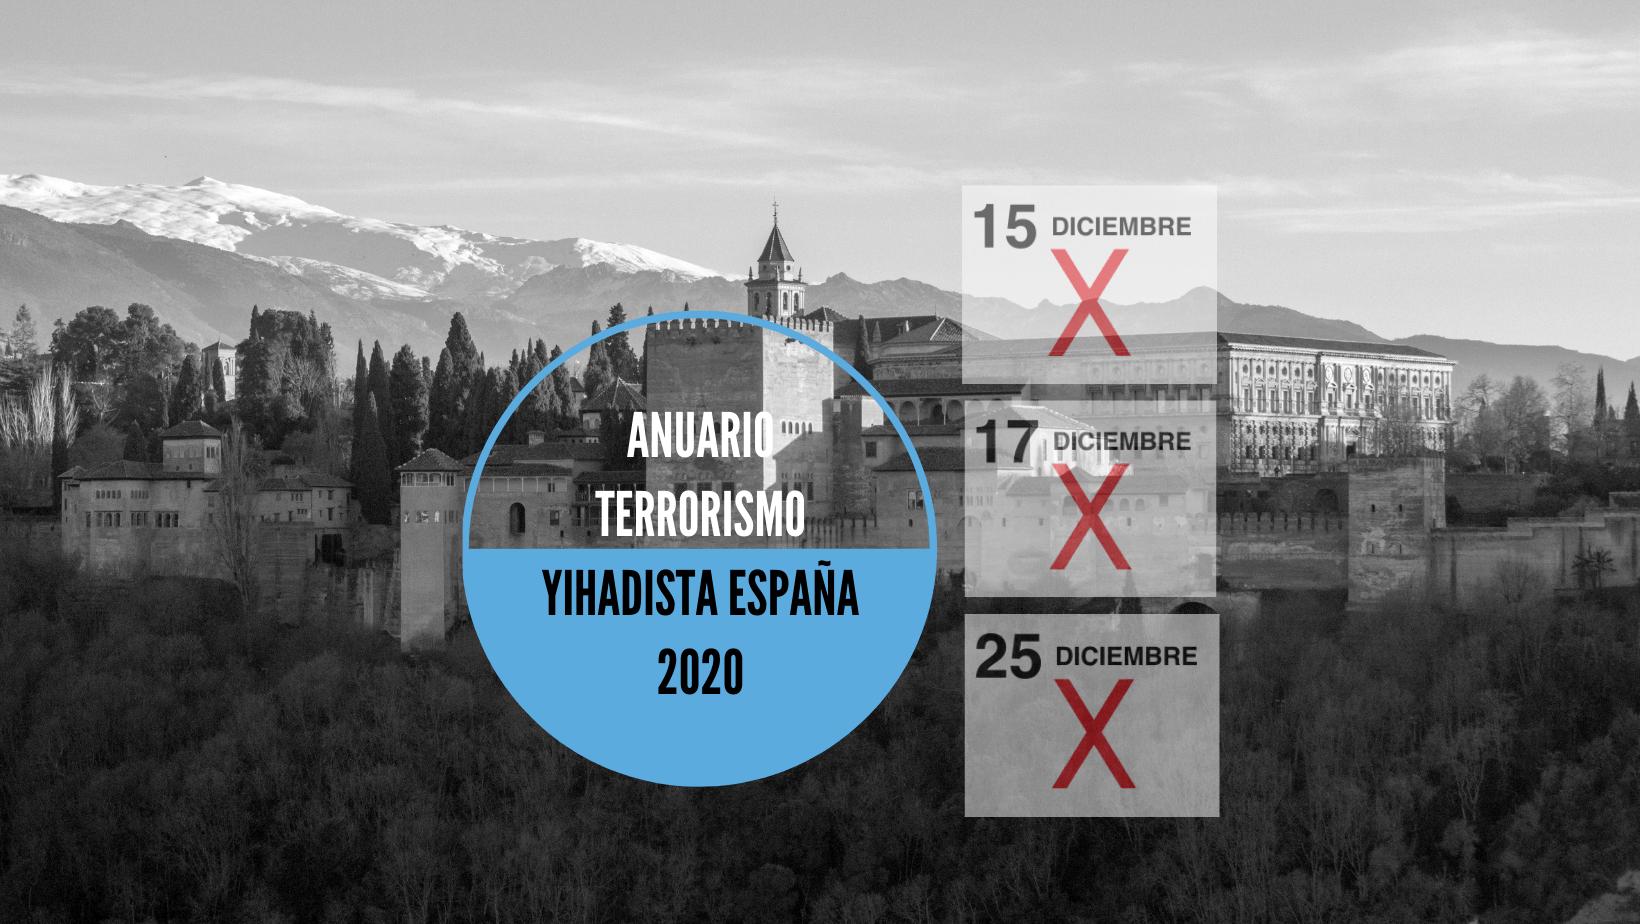 Últimos casos de terrorismo yihadista en España 2020